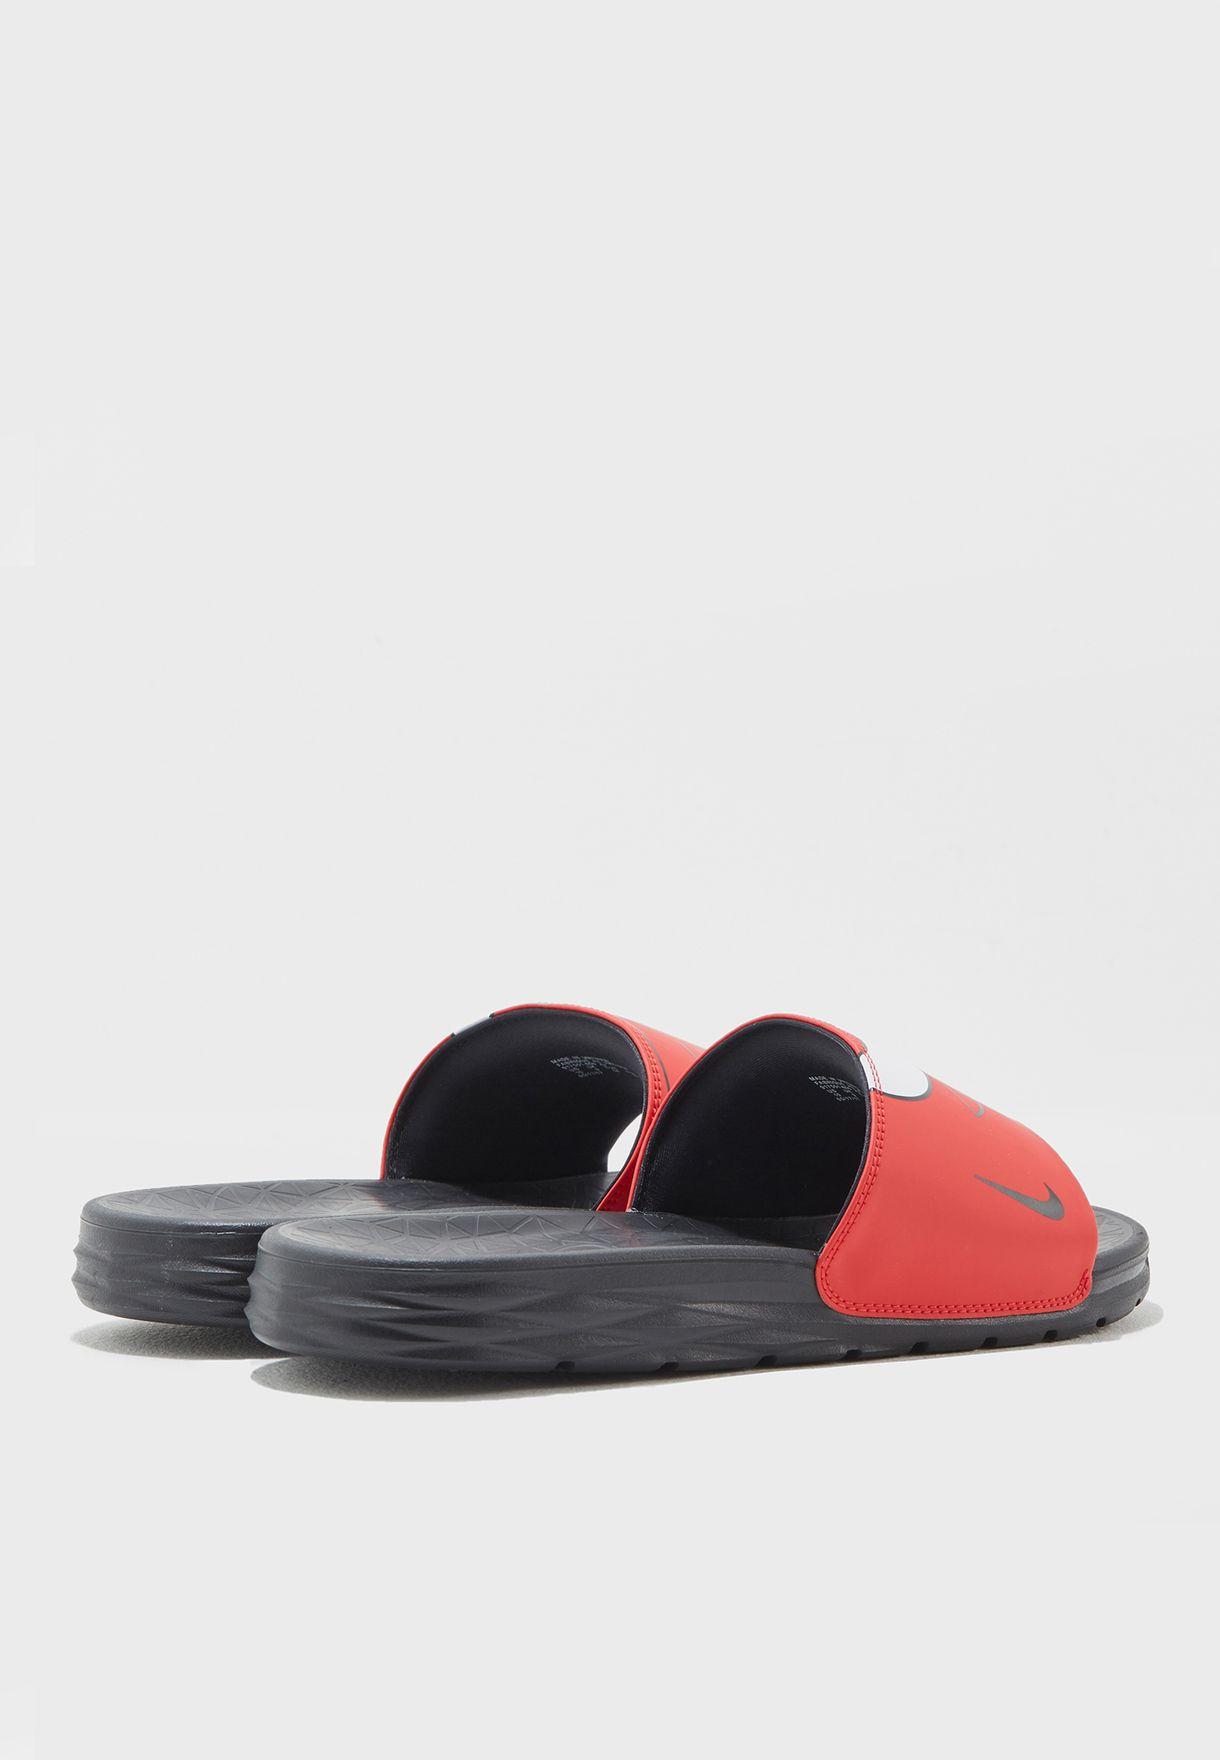 9e6bbb0fba84 Shop Nike multicolor Chicago Bulls Benassi Solarsoft 917551-600 for ...